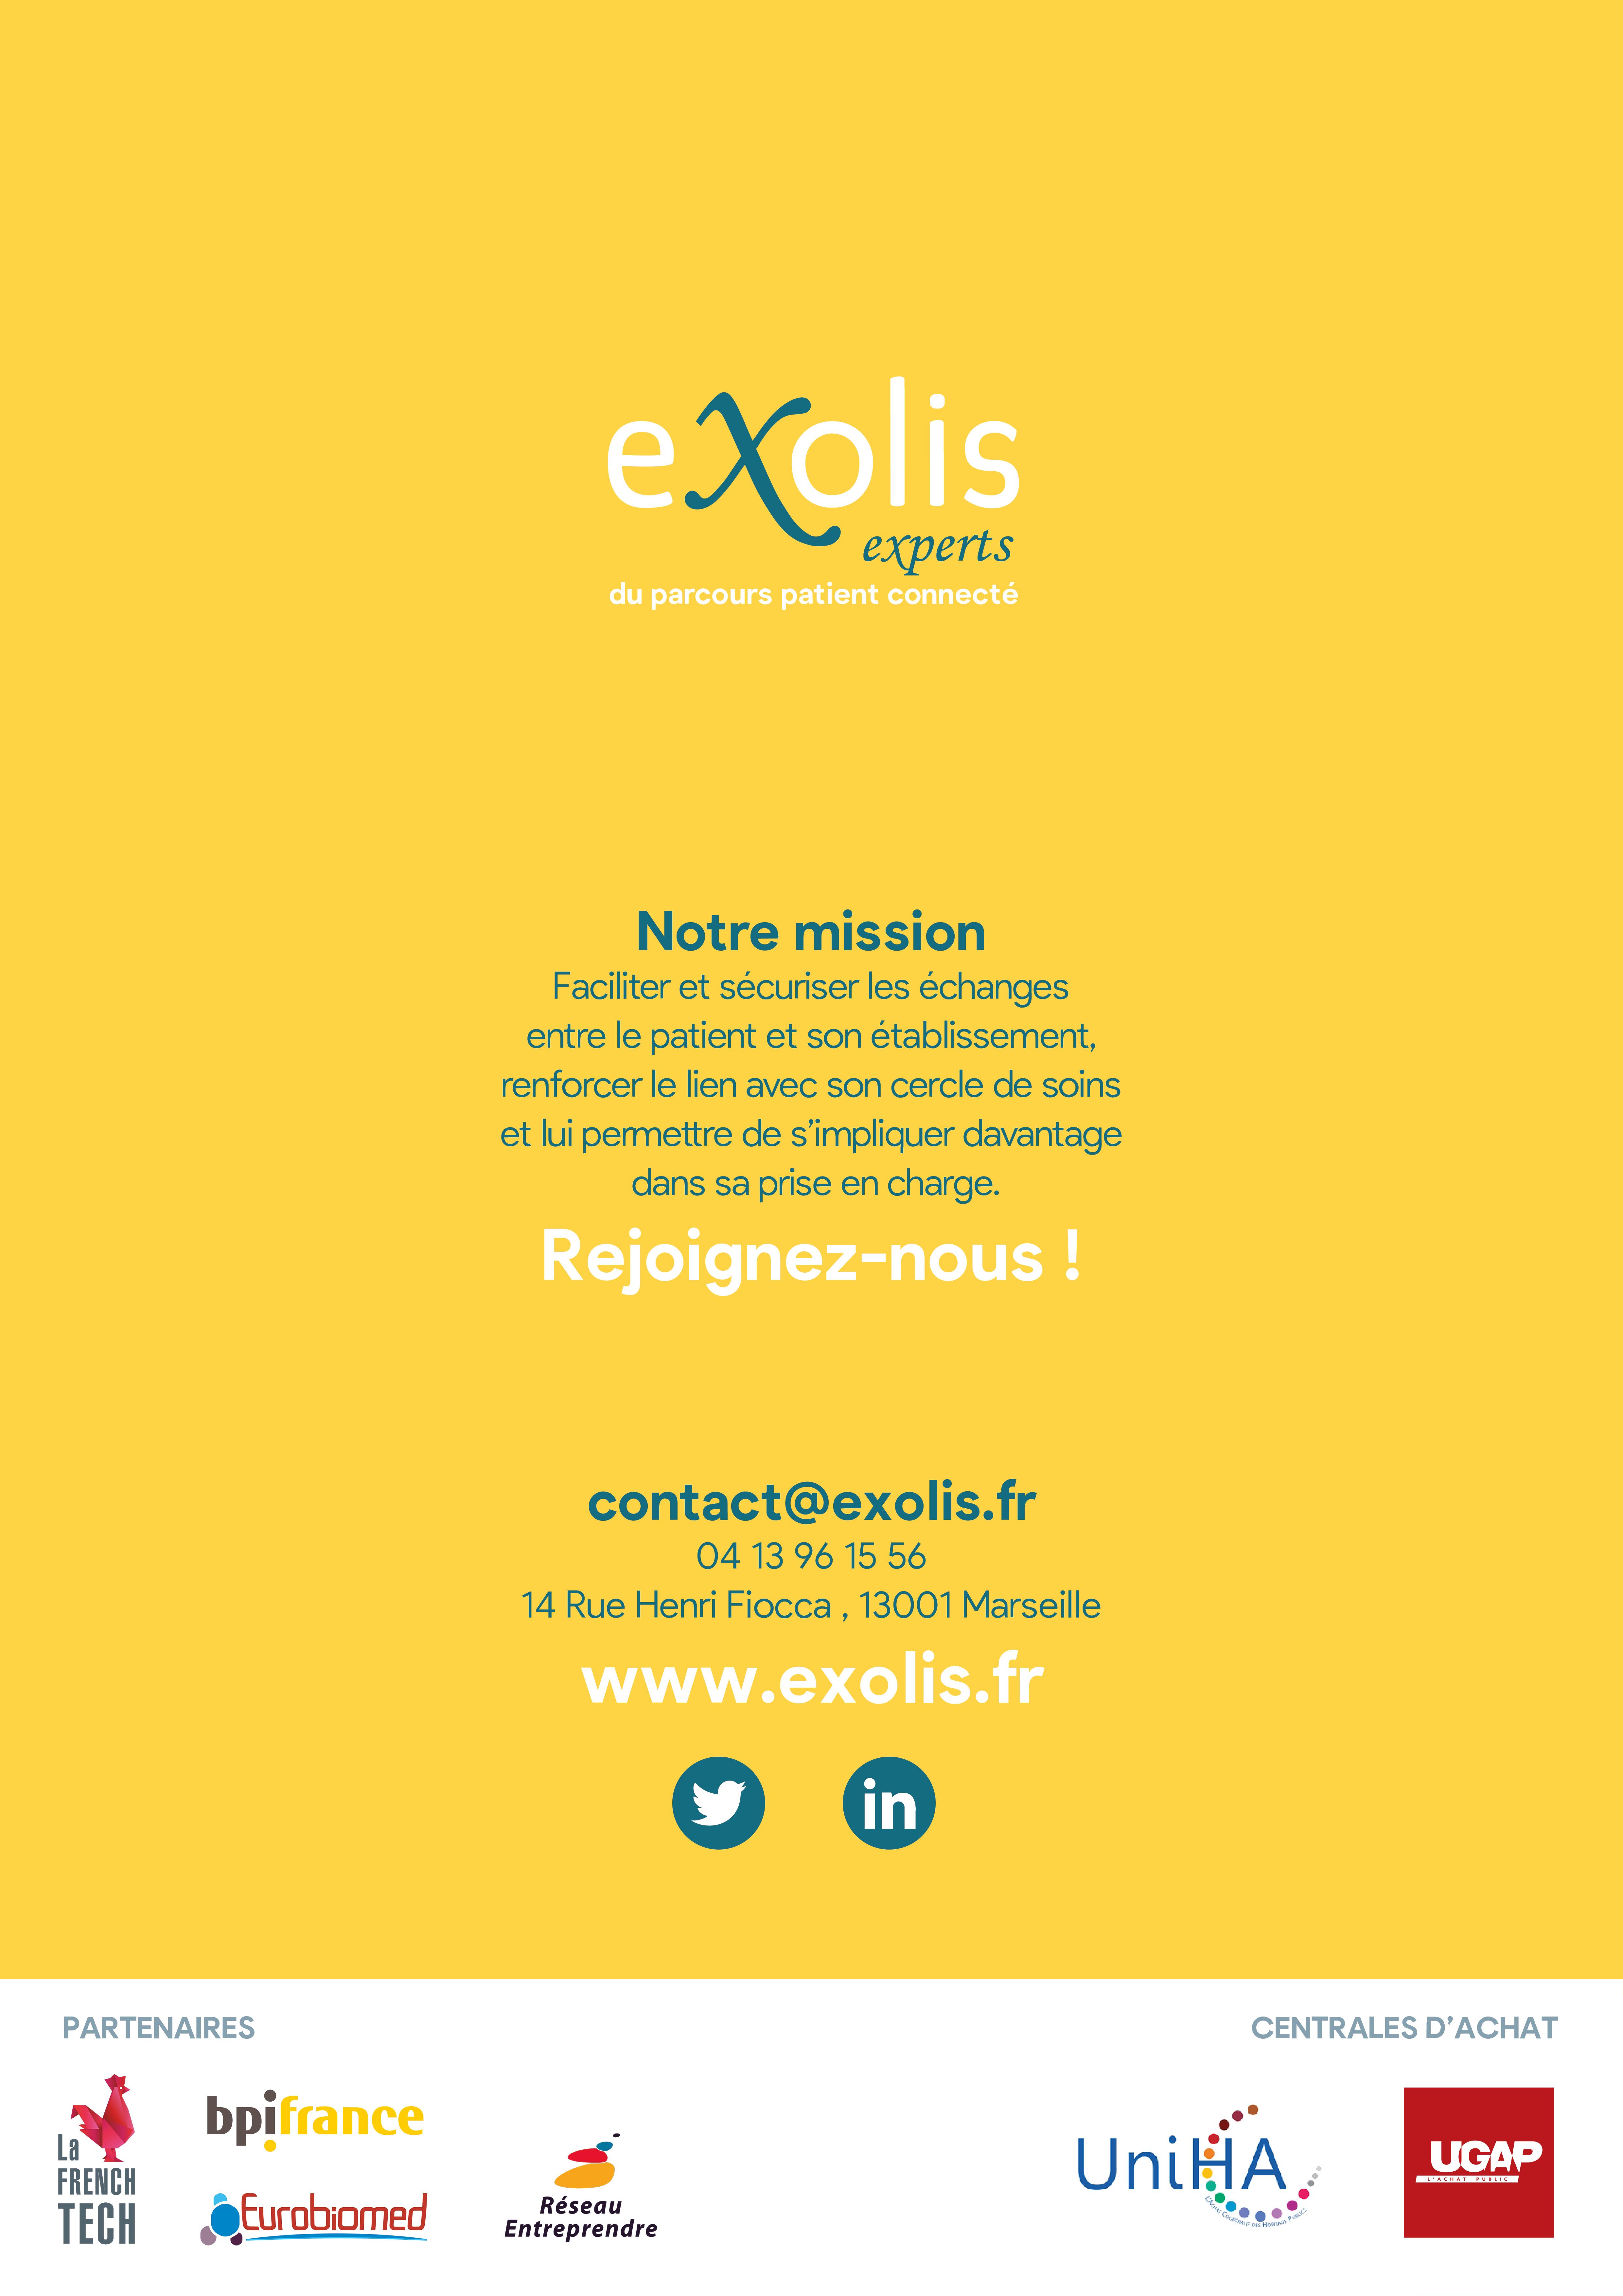 plaquette-Exolis-def-02022021def2